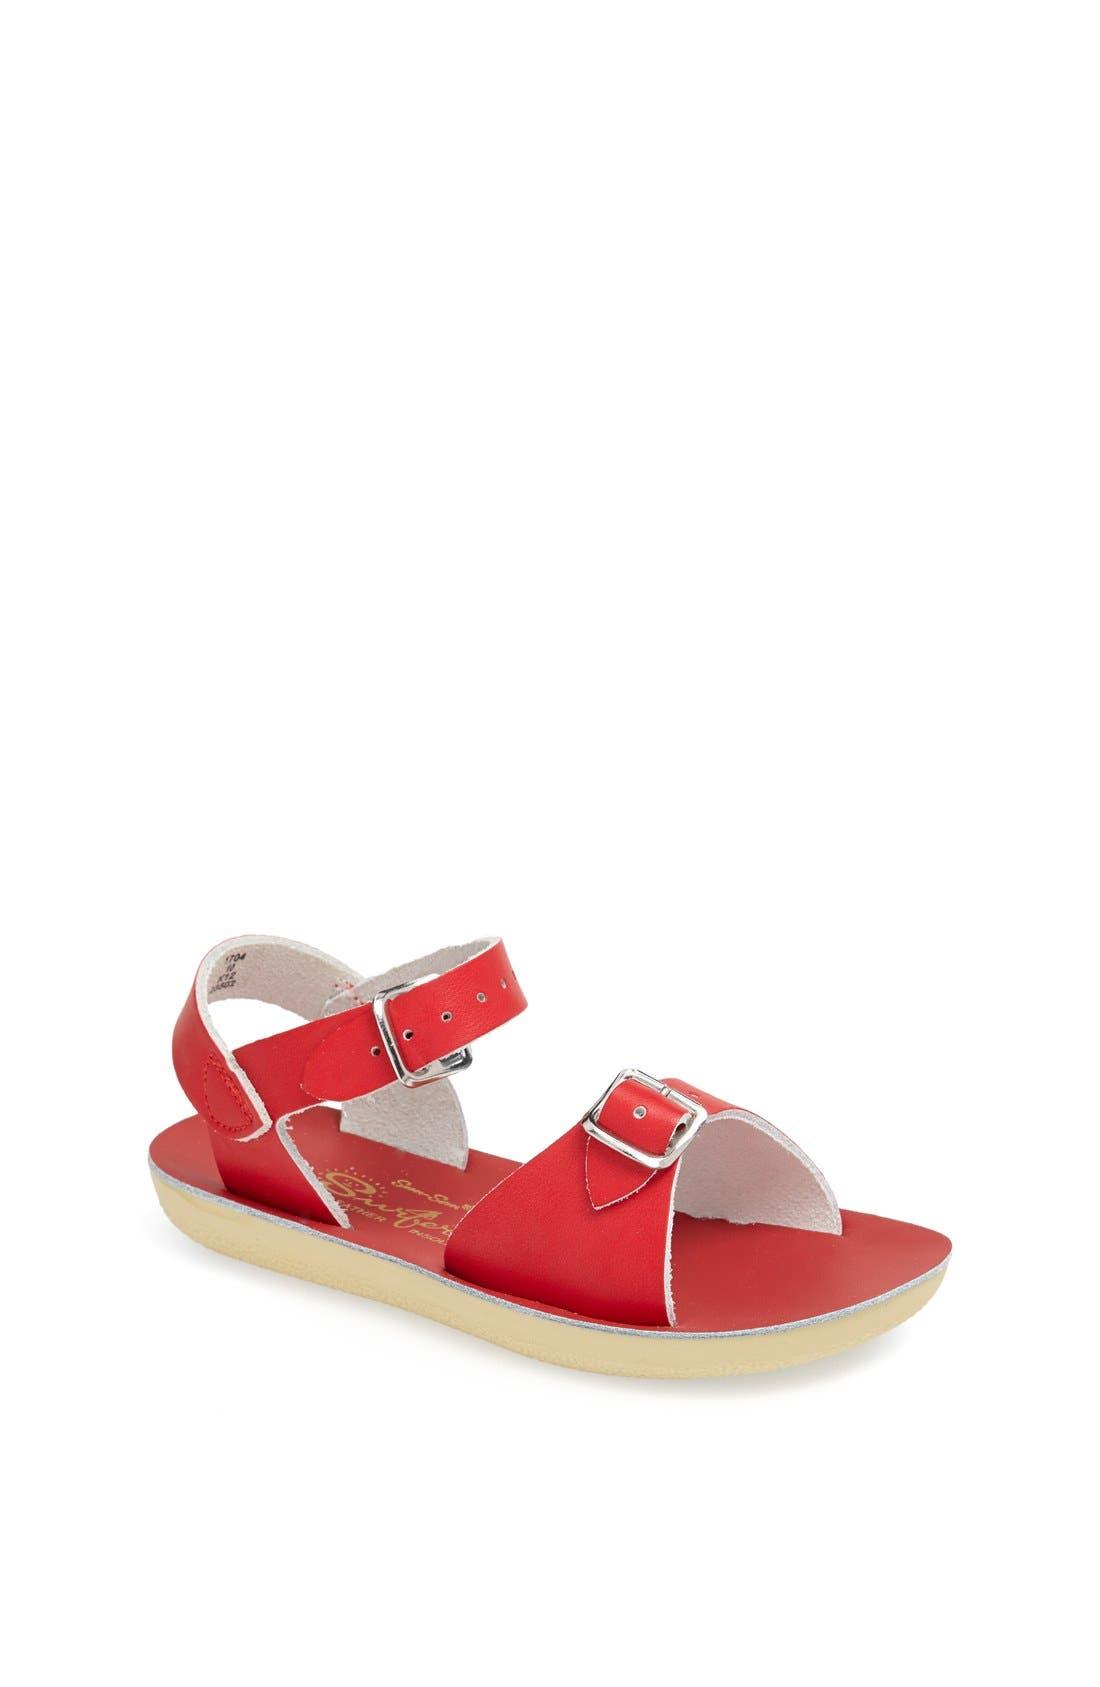 Salt Water Sandals by Hoy 'Surfer' Sandal (Baby, Walker, Toddler & Little Kid)